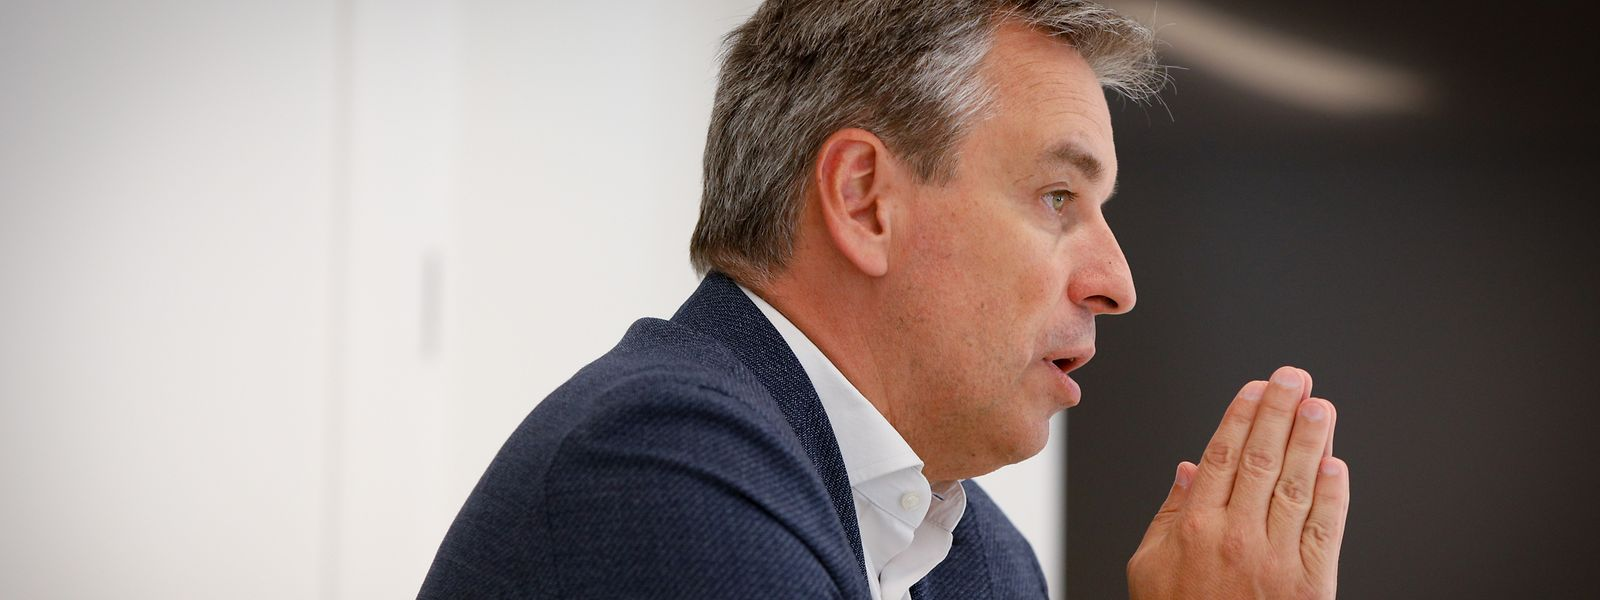 Le ministre de l'Education entend pérenniser le système de ''rattrapage scolaire'' tel qu'il a vu le jour ces dernières semaines avec l'initiative Summer School''.